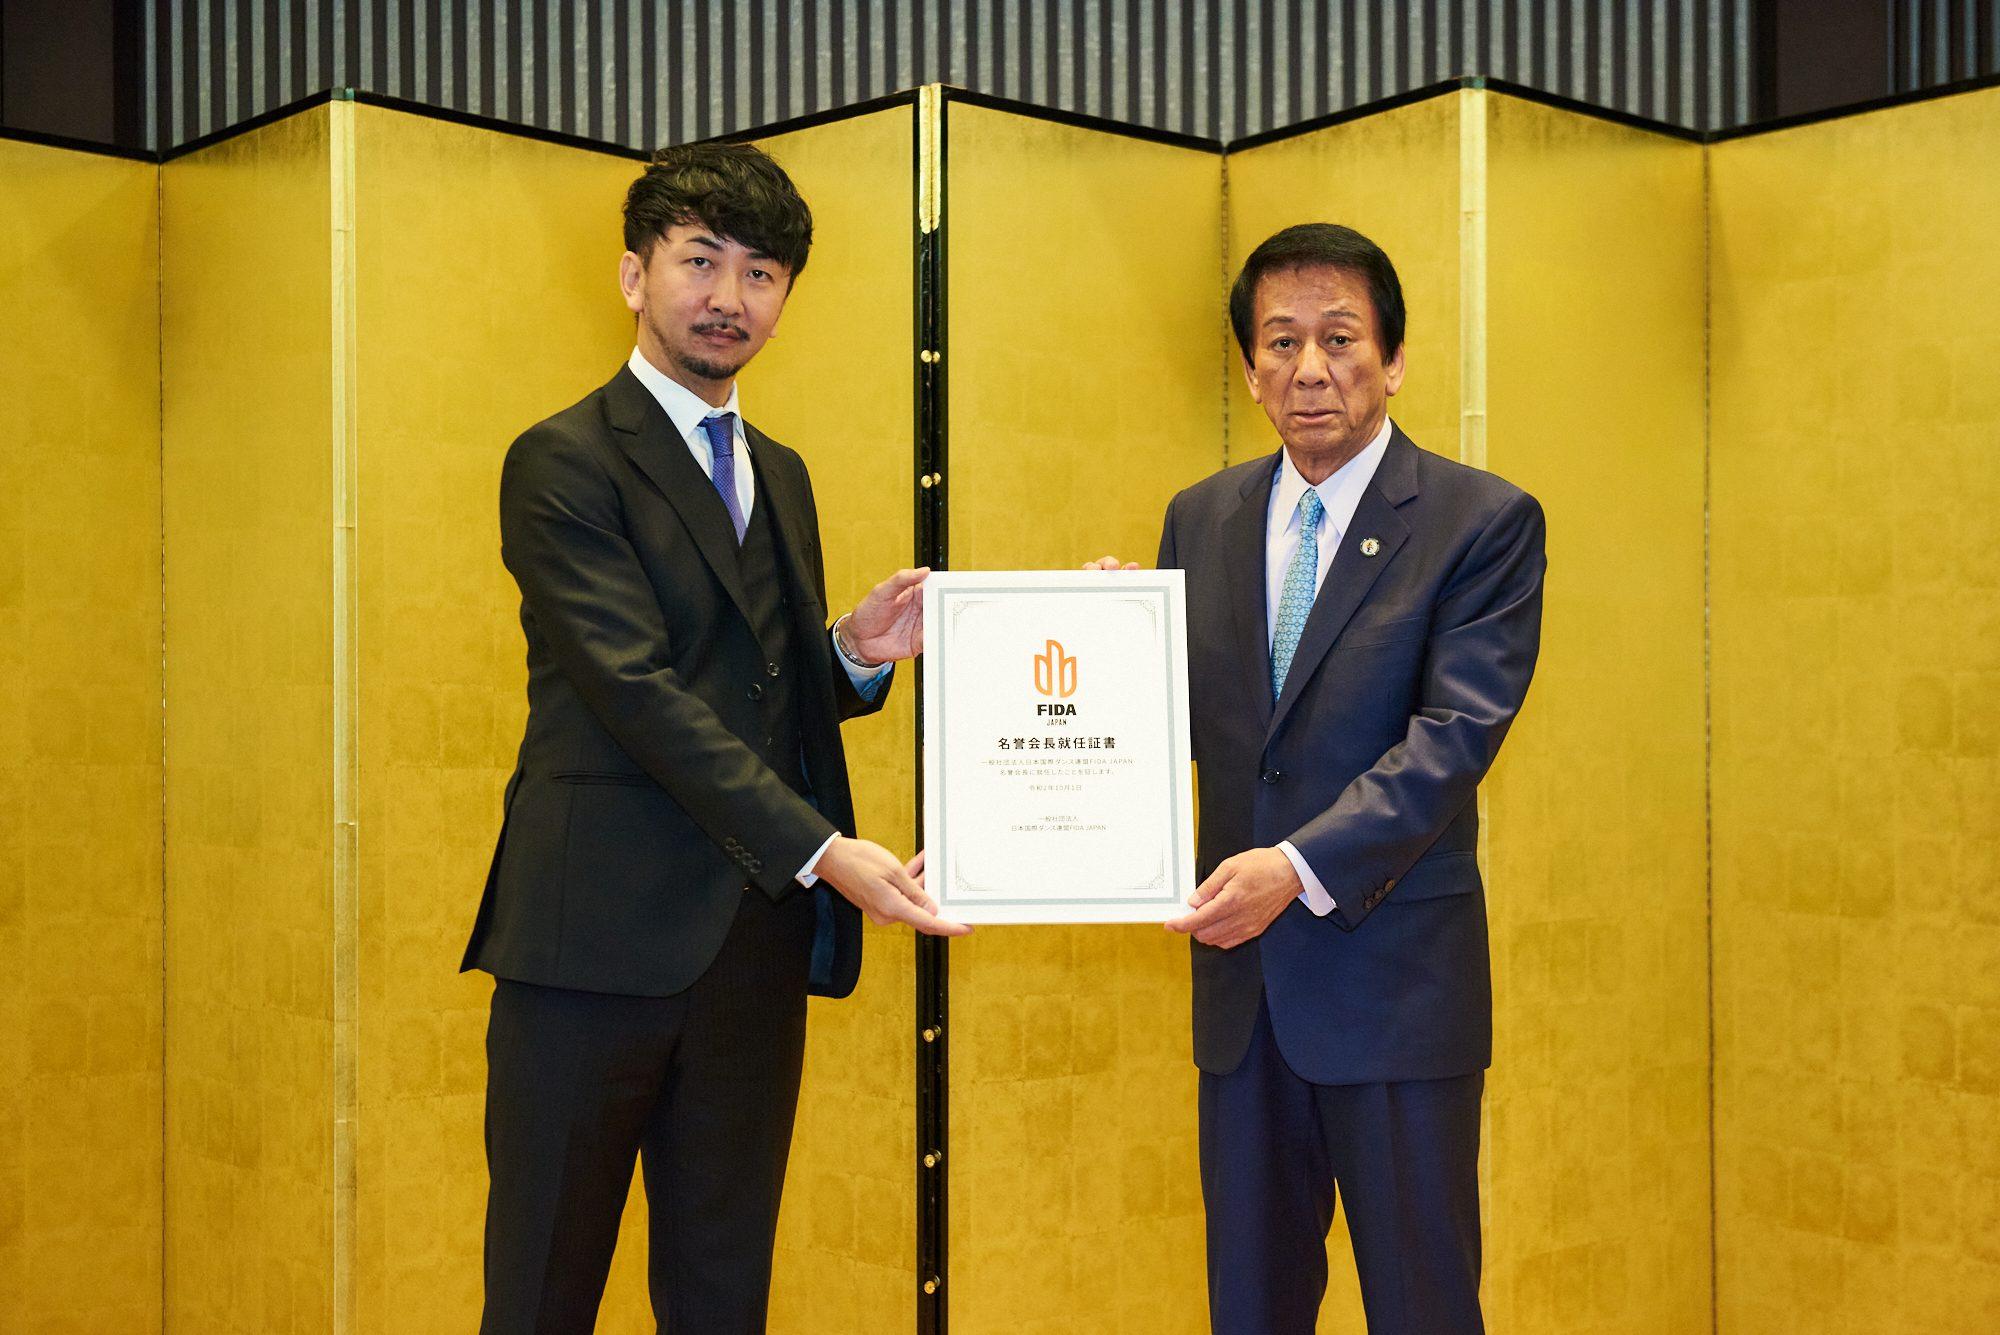 杉良太郎が日本国際ダンス連盟「FIDA JAPAN」の名誉会長就任に伴う記者会見 に弊社神田勘太朗が登壇。